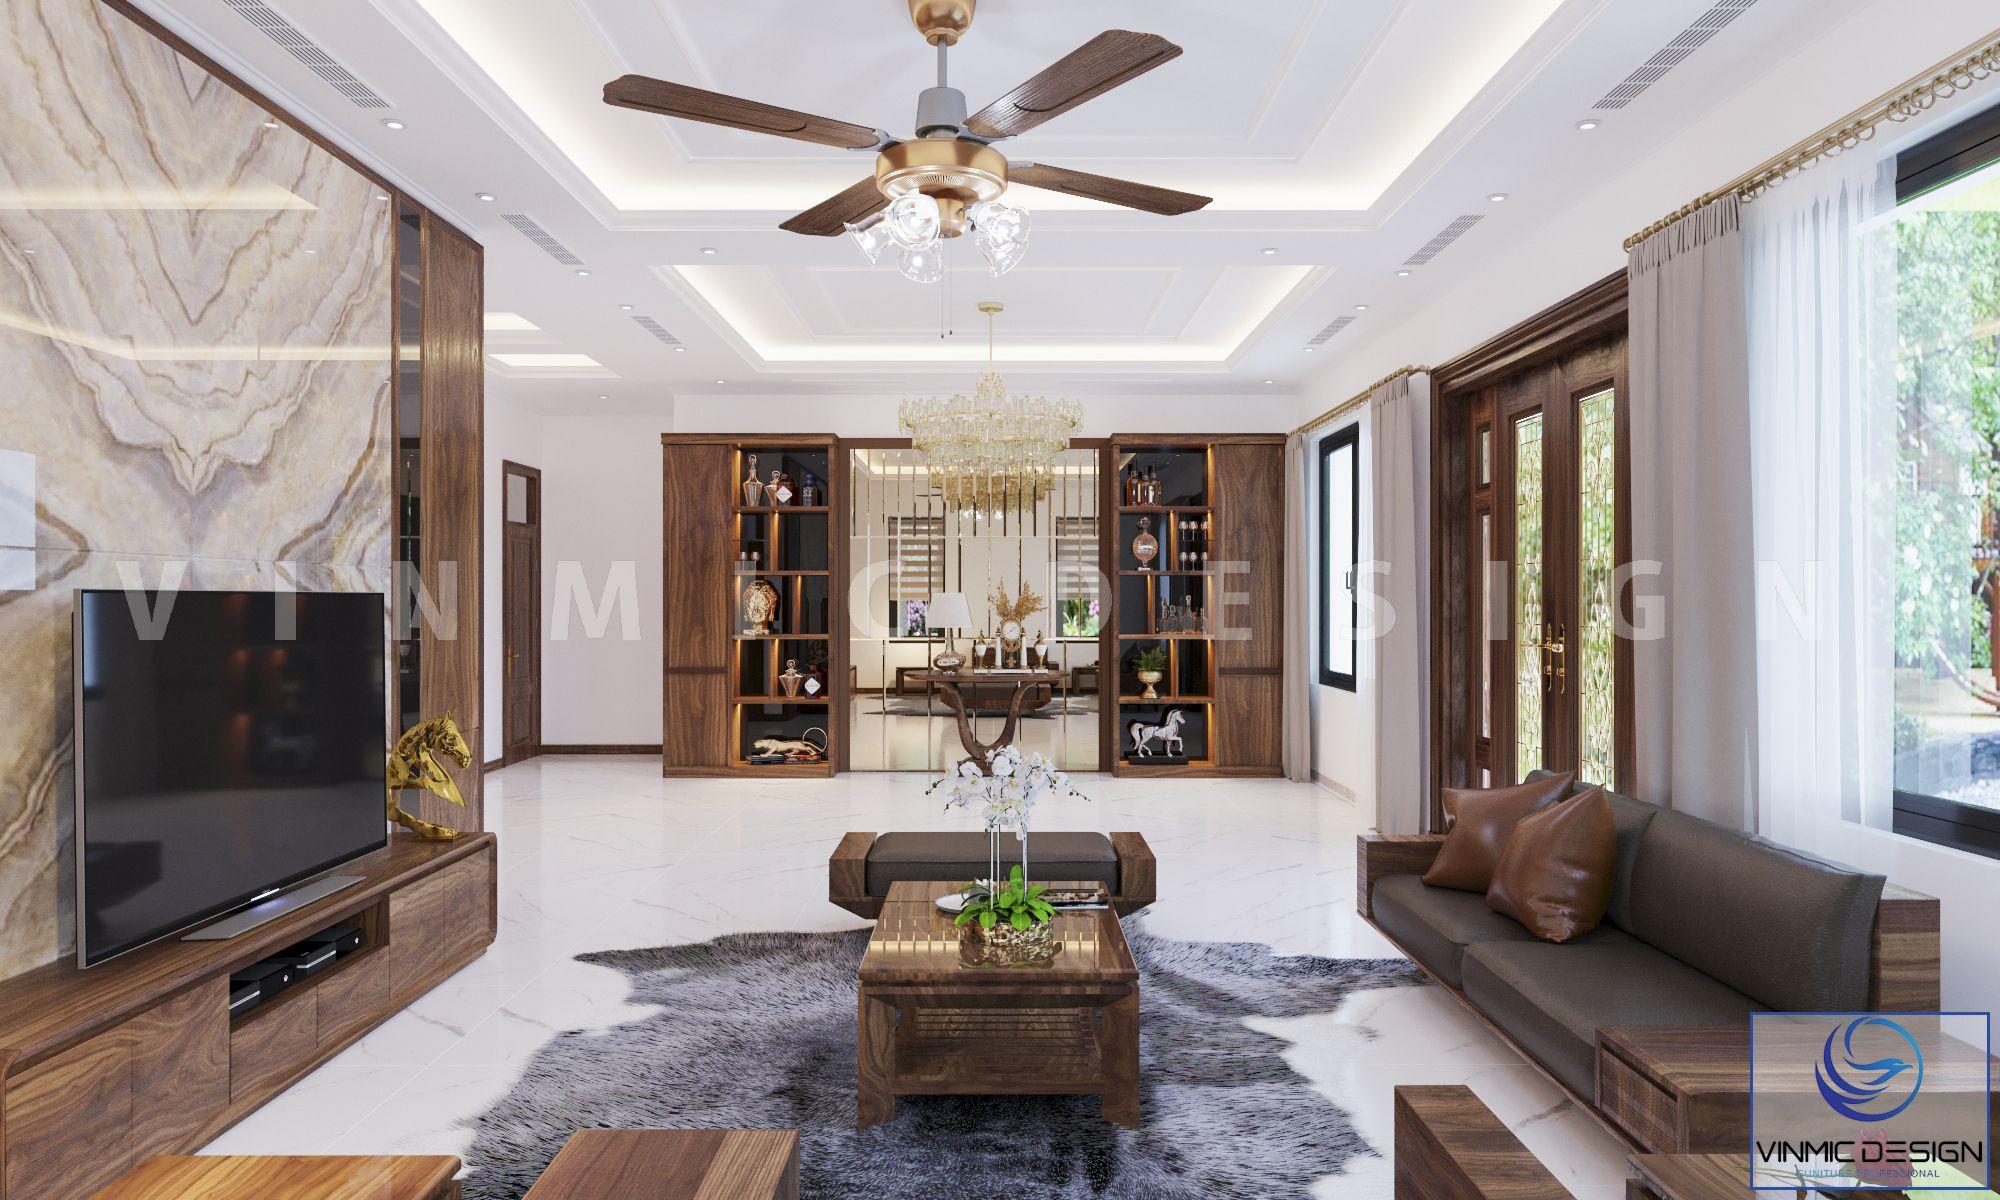 Thiết kế phòng khách biệt thự hiện đại, với chất gỗ óc chó tự nhiên